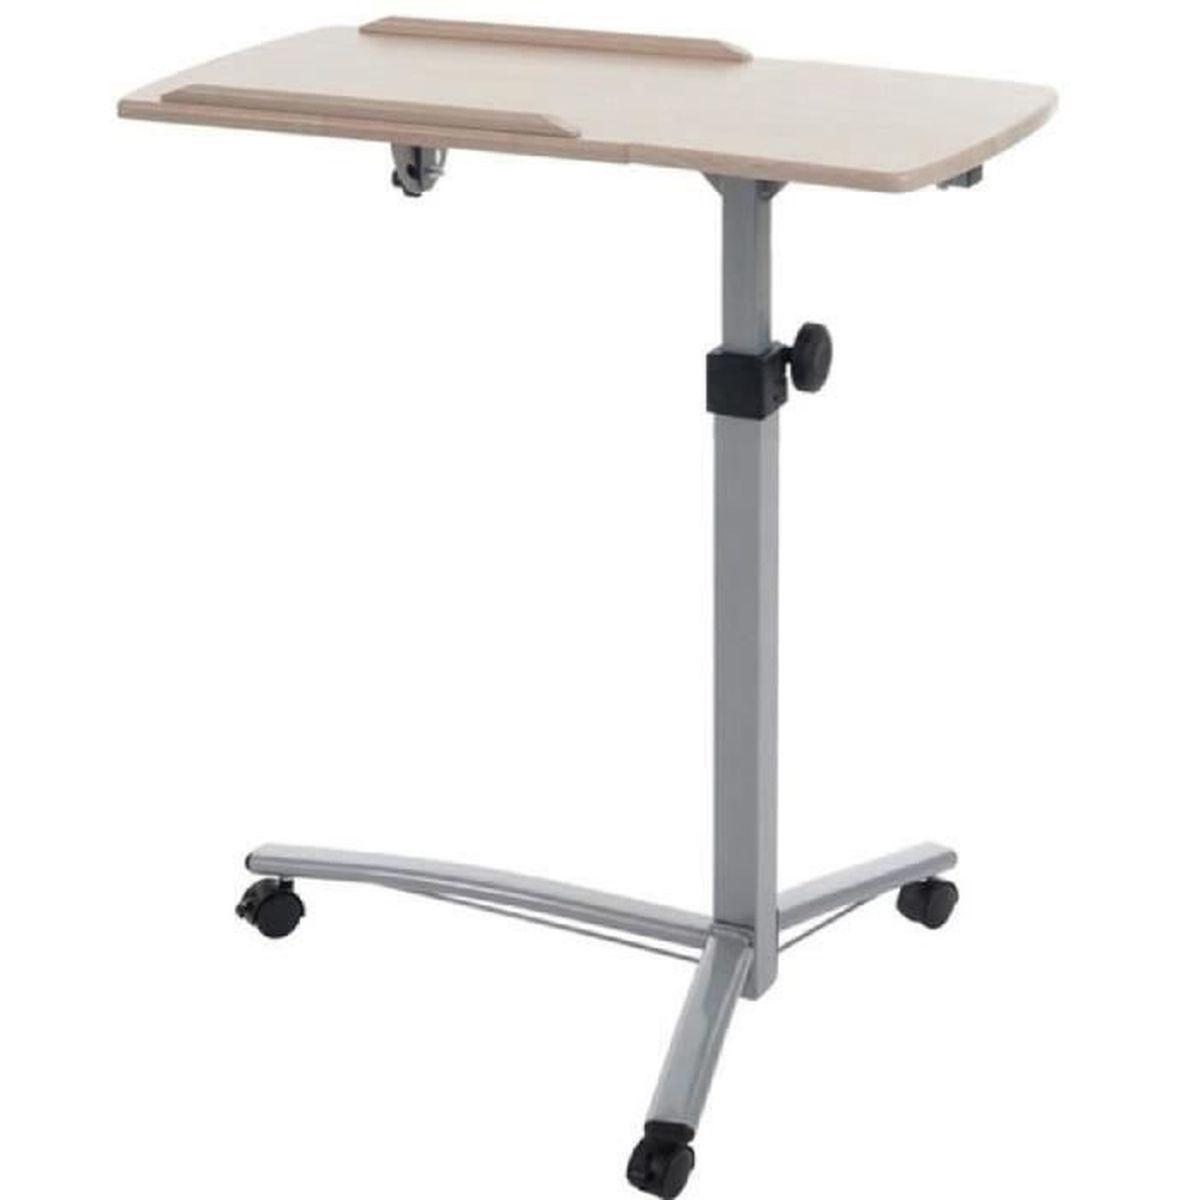 table d 39 ordinateur portable r glable en hauteur coloris naturel dim h 67 102 x l 55 x p 50. Black Bedroom Furniture Sets. Home Design Ideas